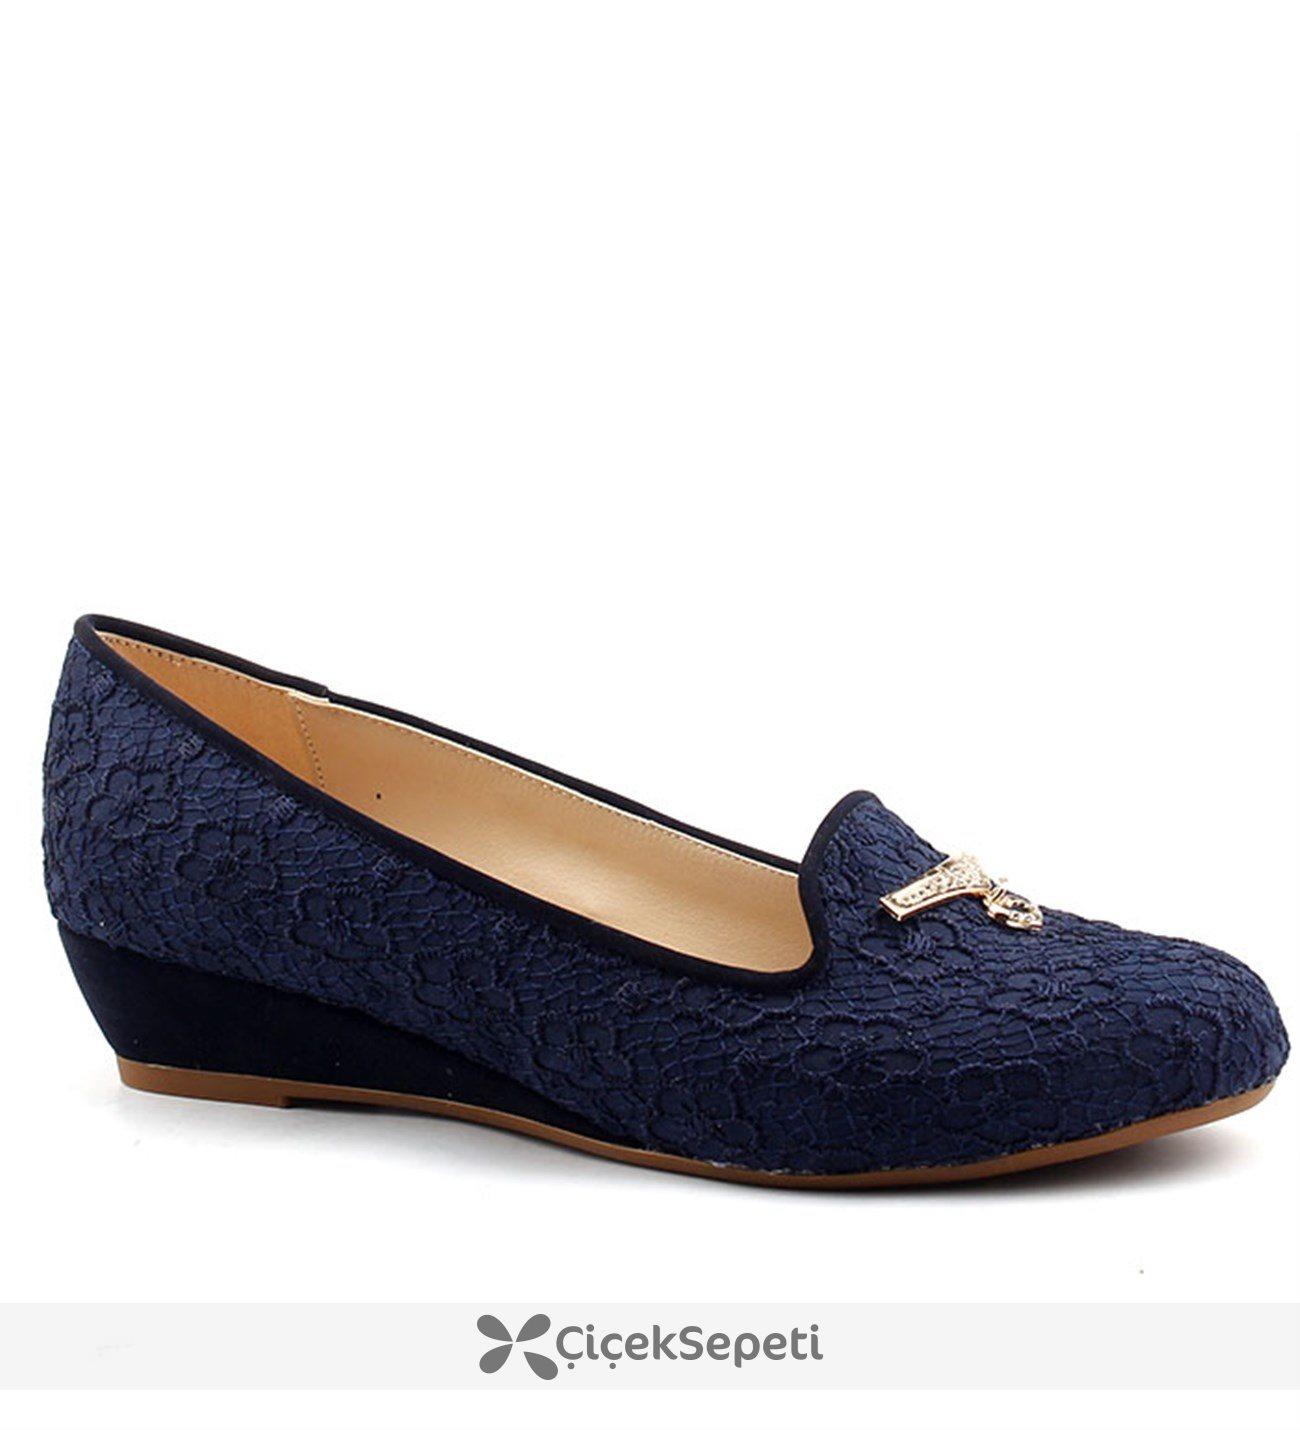 Christina 3403 Lacivert Büyük Numara Bayan Ayakkabı Abiye Gelin